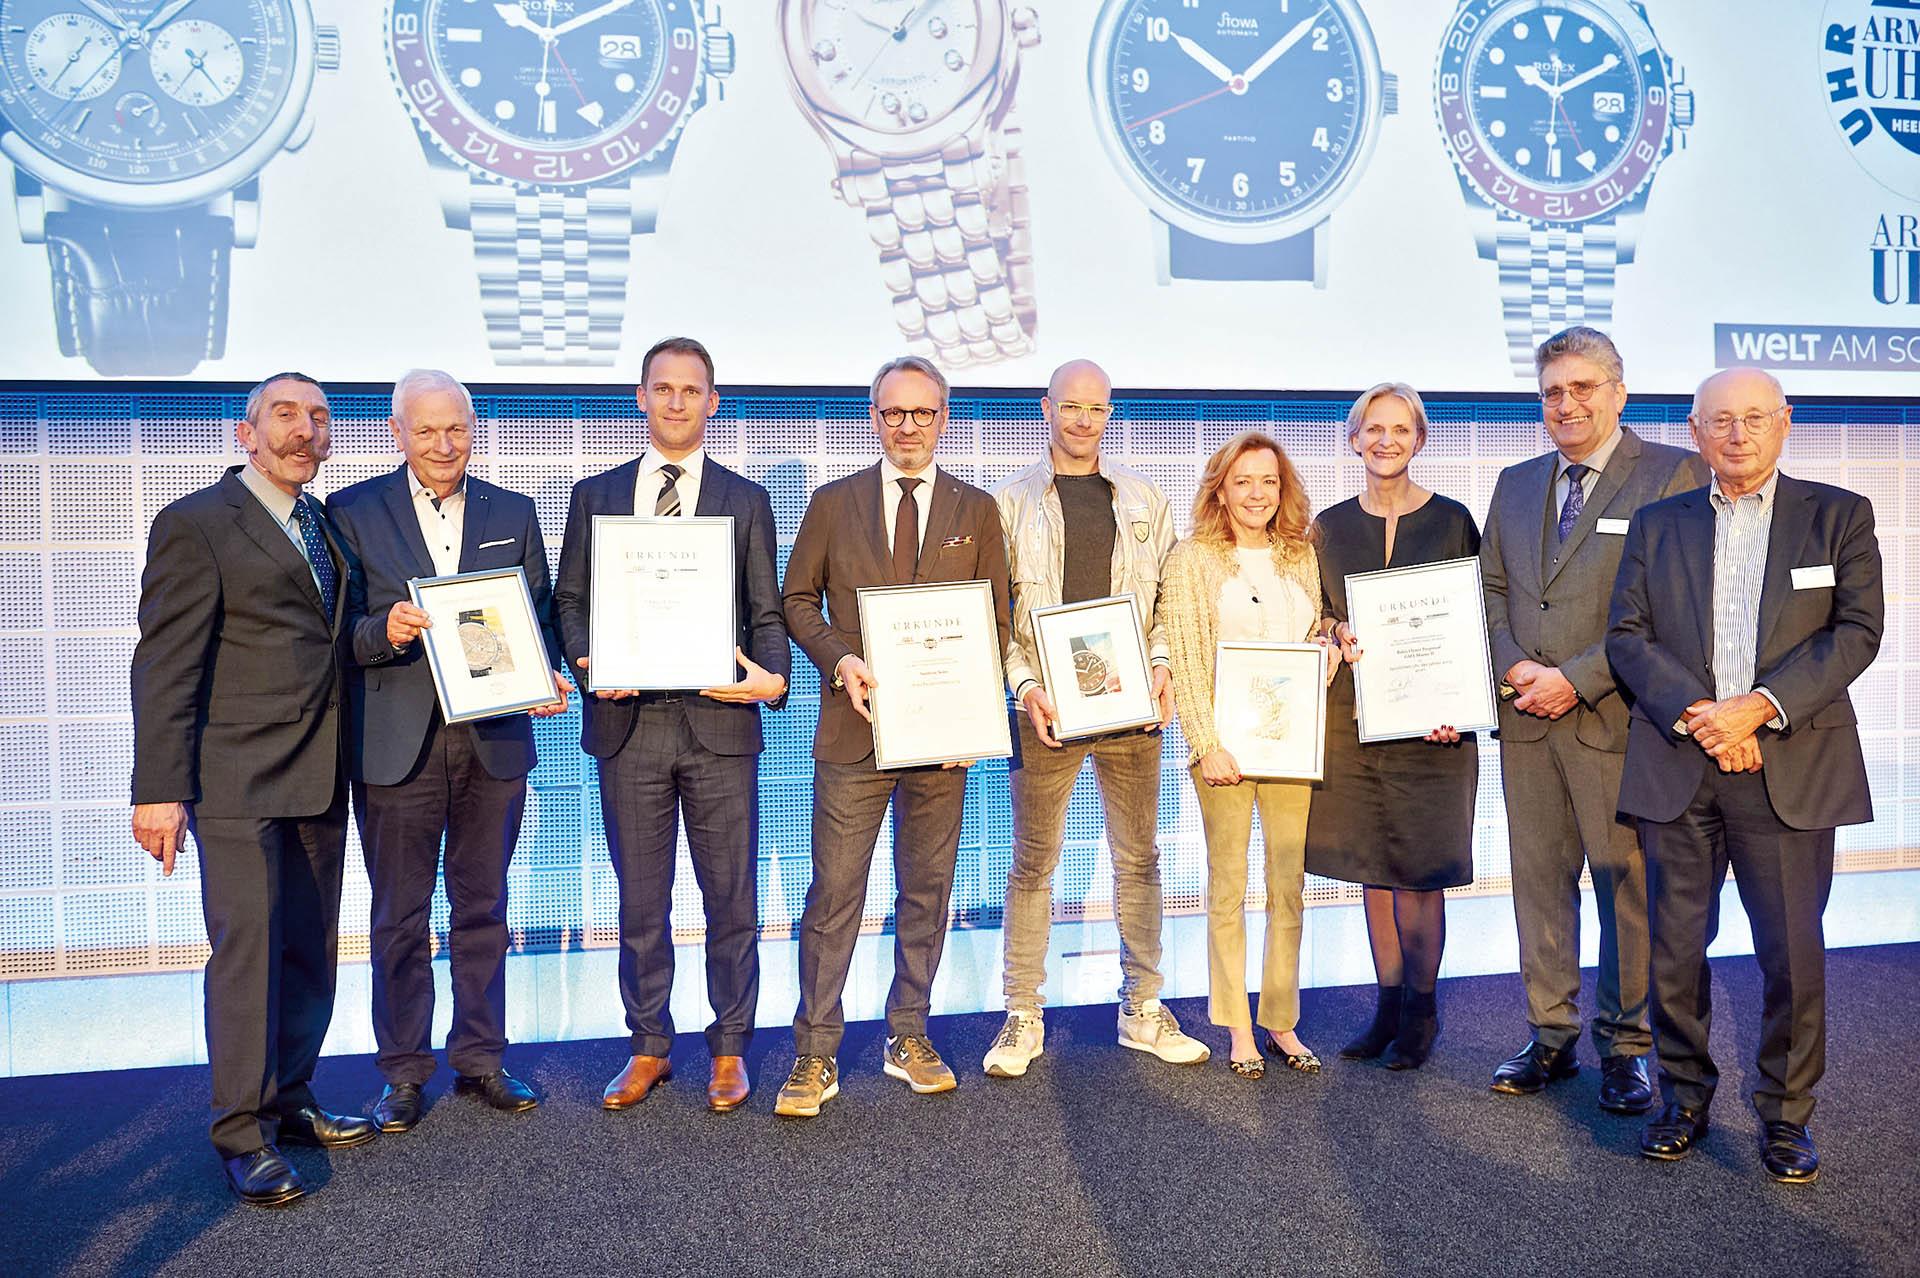 Baselworld Uhr des Jahres 2019